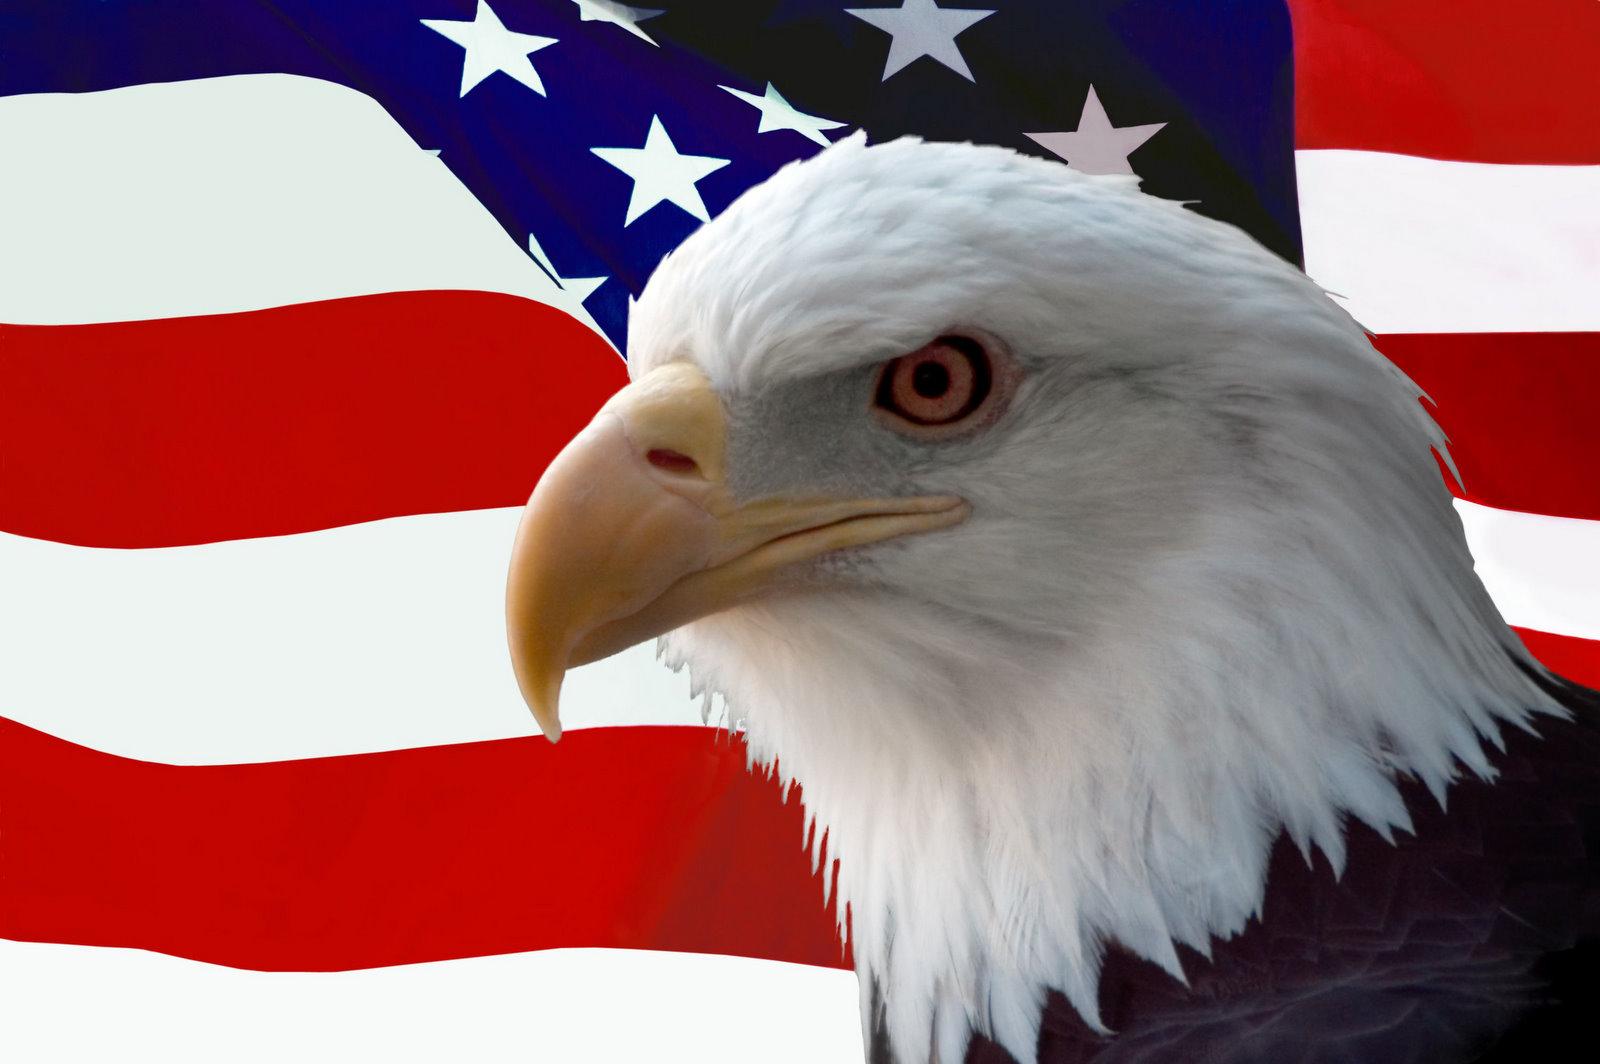 EagleAndFlag